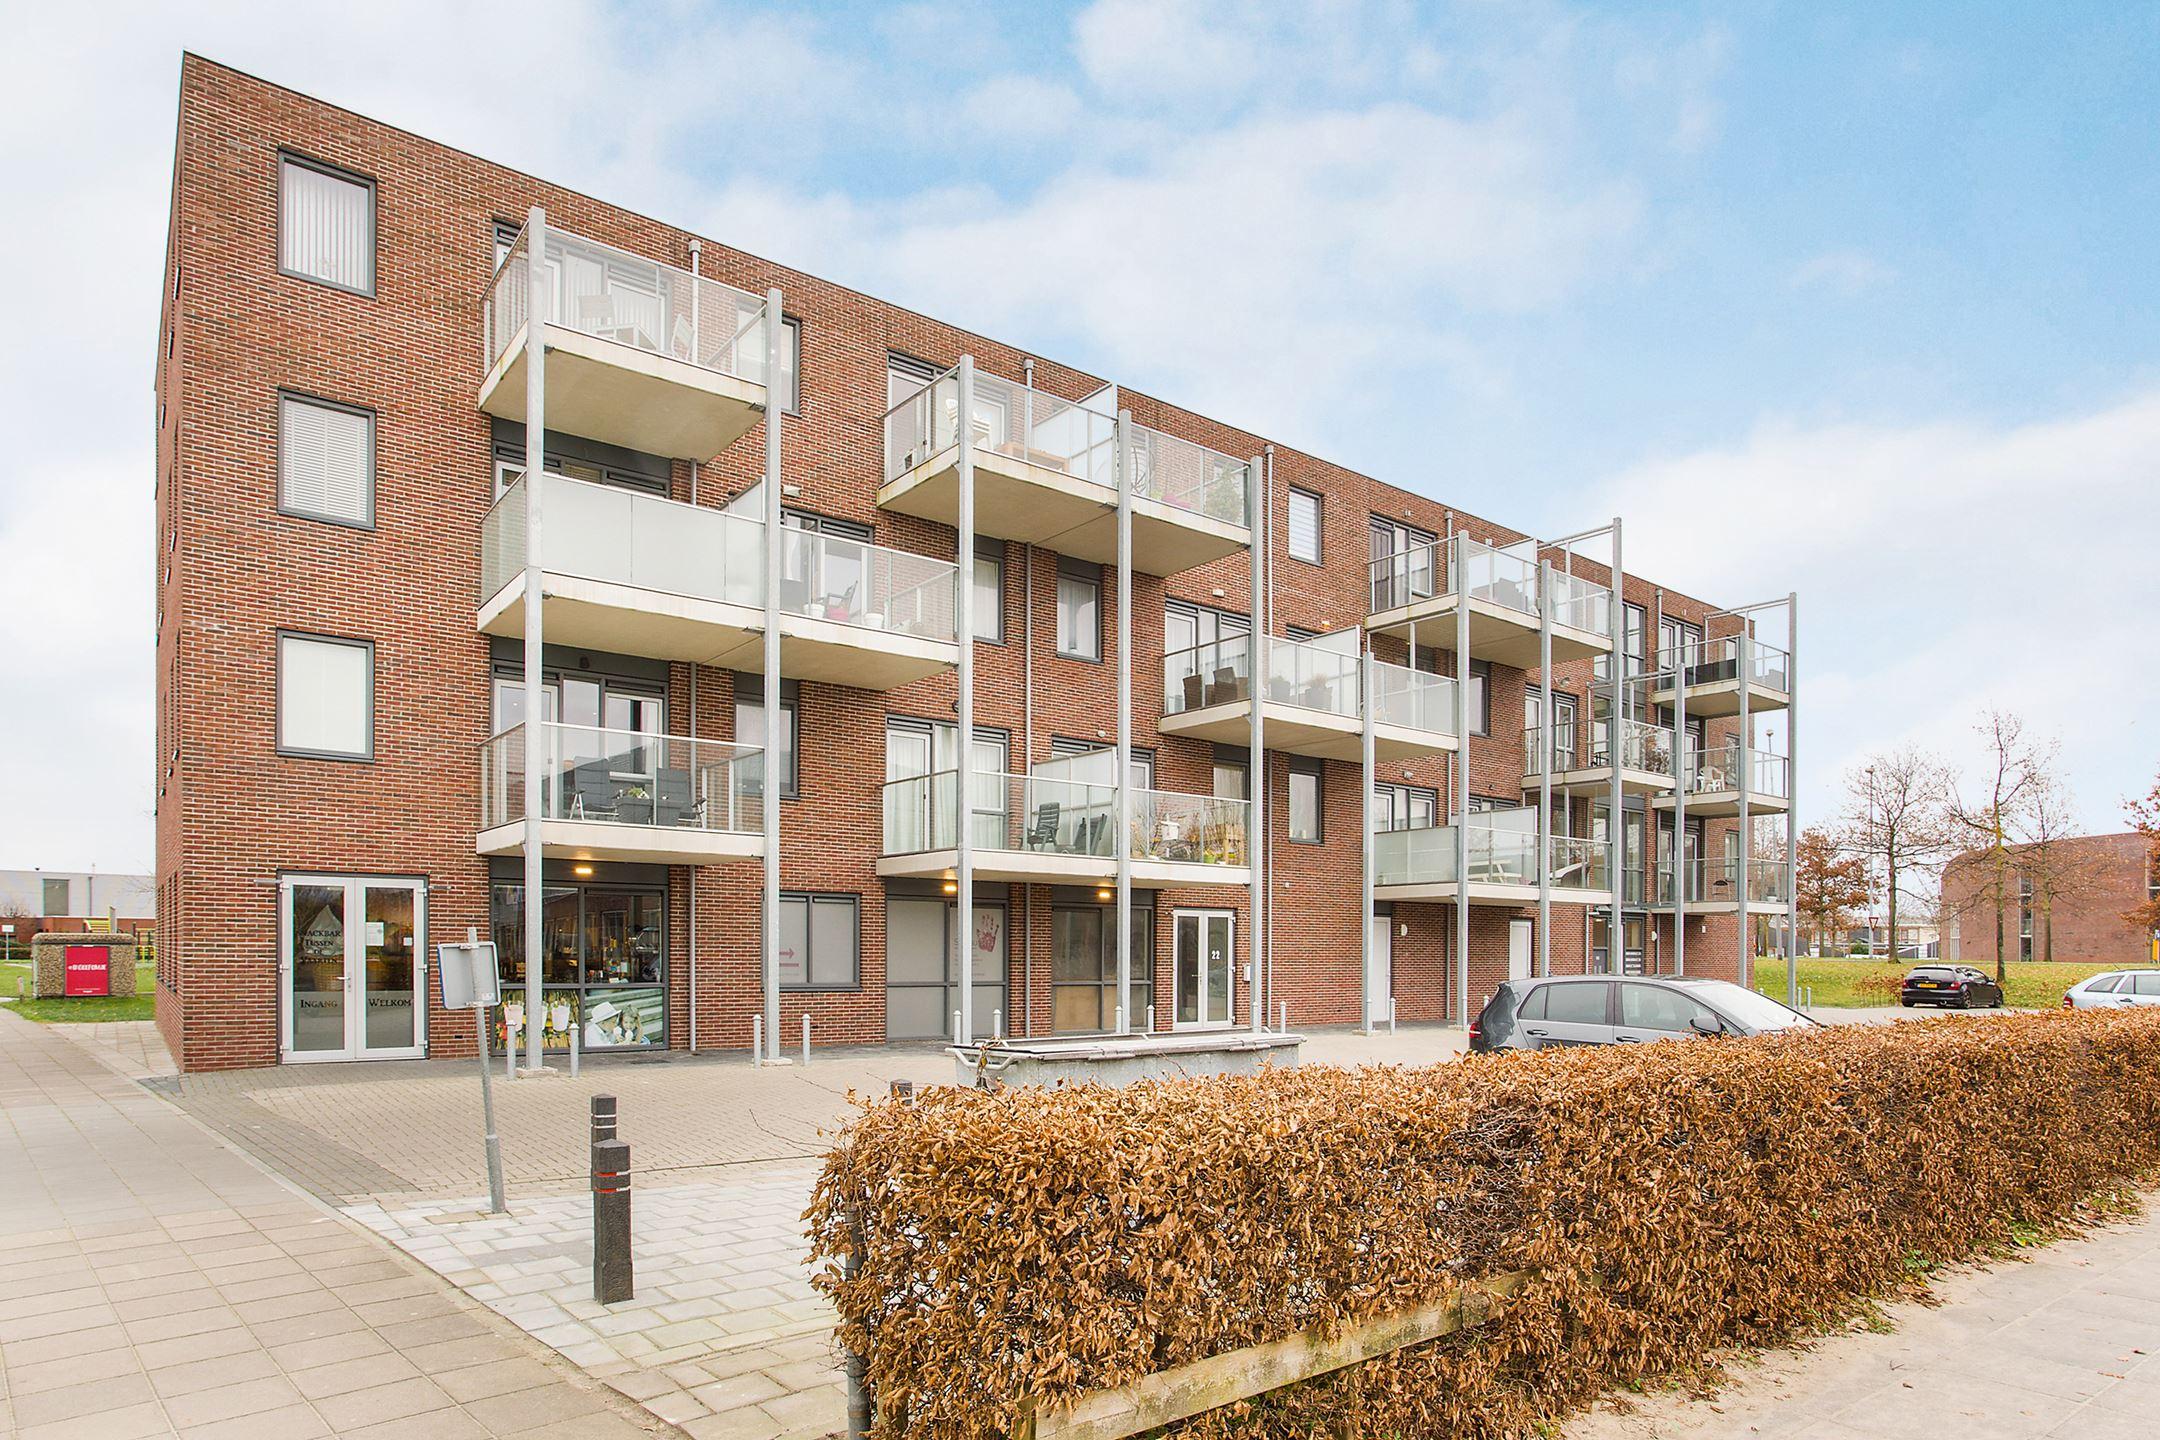 DOP Verhuur   Almere, Chagallweg - DOP Verhuur Chagallweg 10 Almere